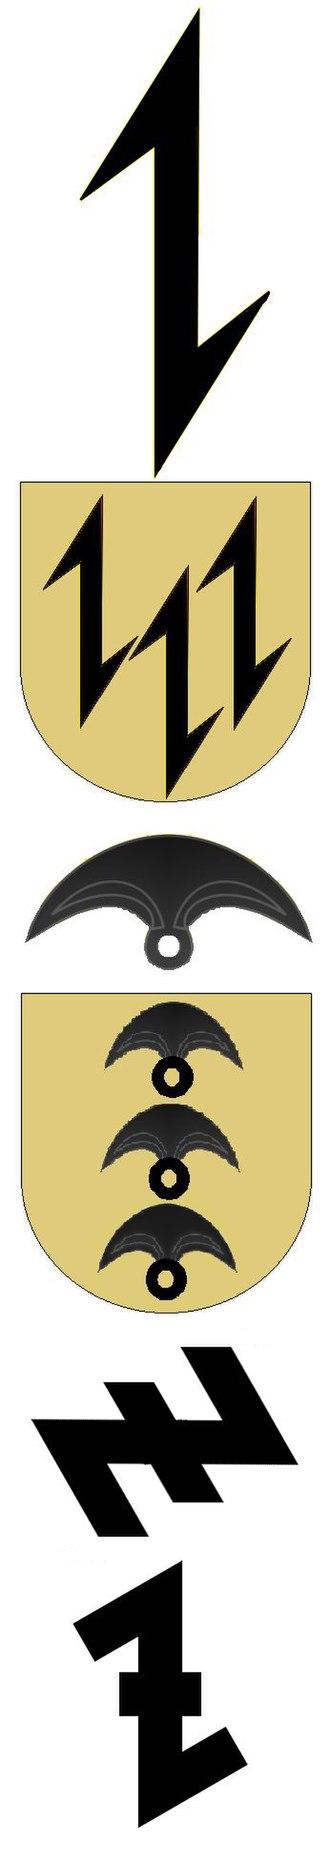 Wolfsangel - German designs known as Wolfsangel